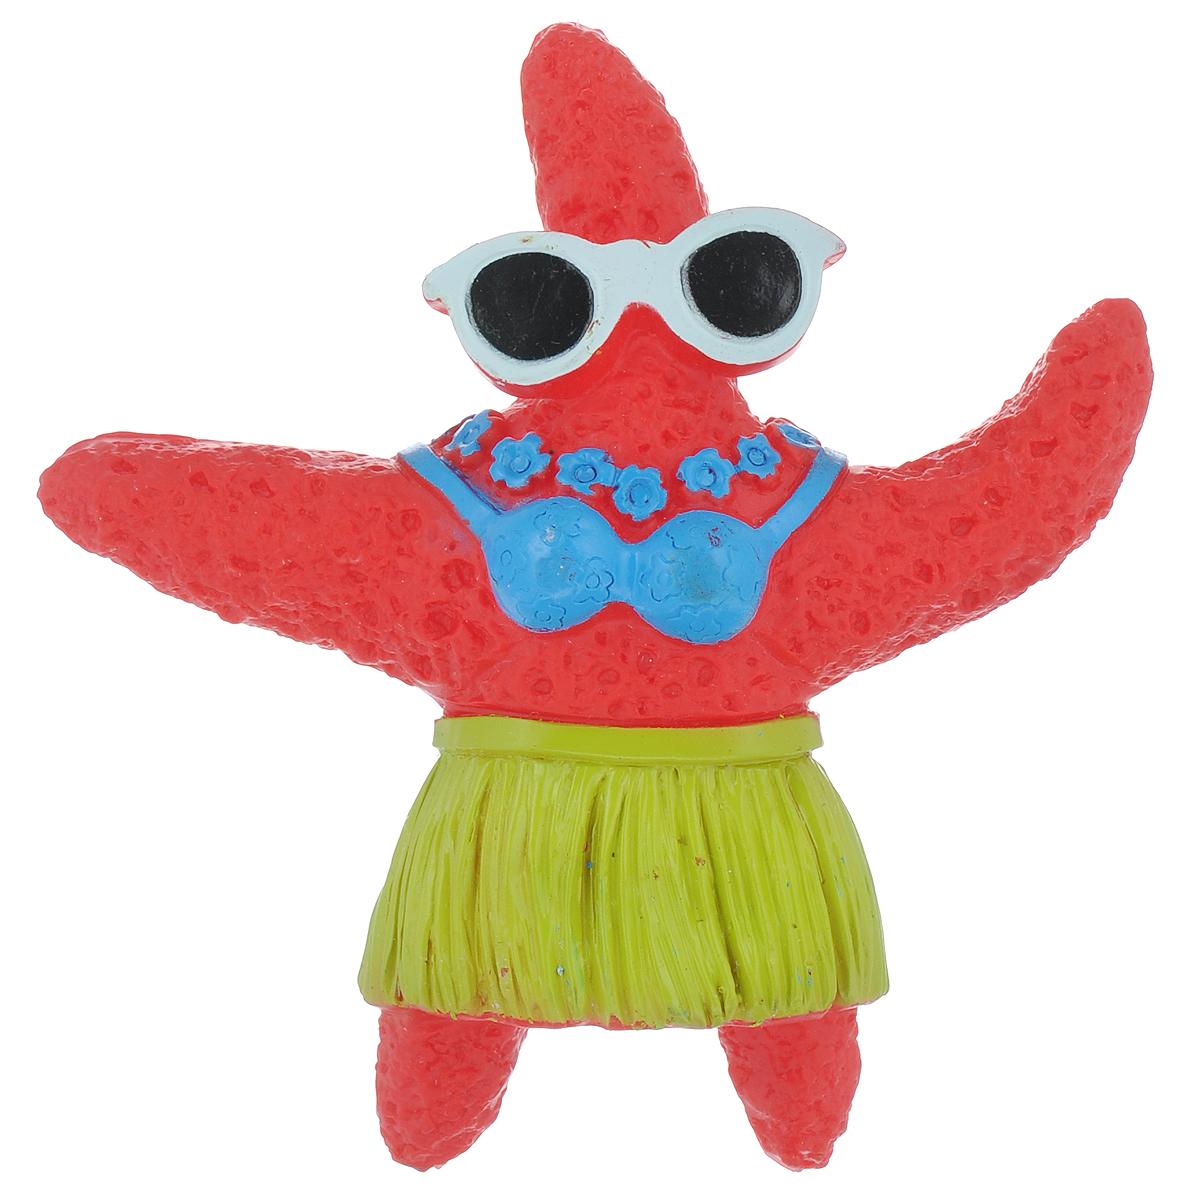 Игрушка для собак Ziver Морская звезда, с пищалкой, цвет: красный, высота 12,5 см0120710Игрушка Ziver Морская звезда изготовлена из высококачественного винила с использованием только безопасных, не токсичных красителей. Игрушка выполнена в виде морской звезды и при надавливании или захвате пастью пищит. Привлечет внимание вашего любимца, позволит весело провести ему время, не навредит здоровью, а также поможет вам сохранить в целости личные вещи и предметы интерьера.Рифленая игольчатая поверхность игрушки прекрасно массирует десна.Размер: 12,5 см х 12 см х 2 см.